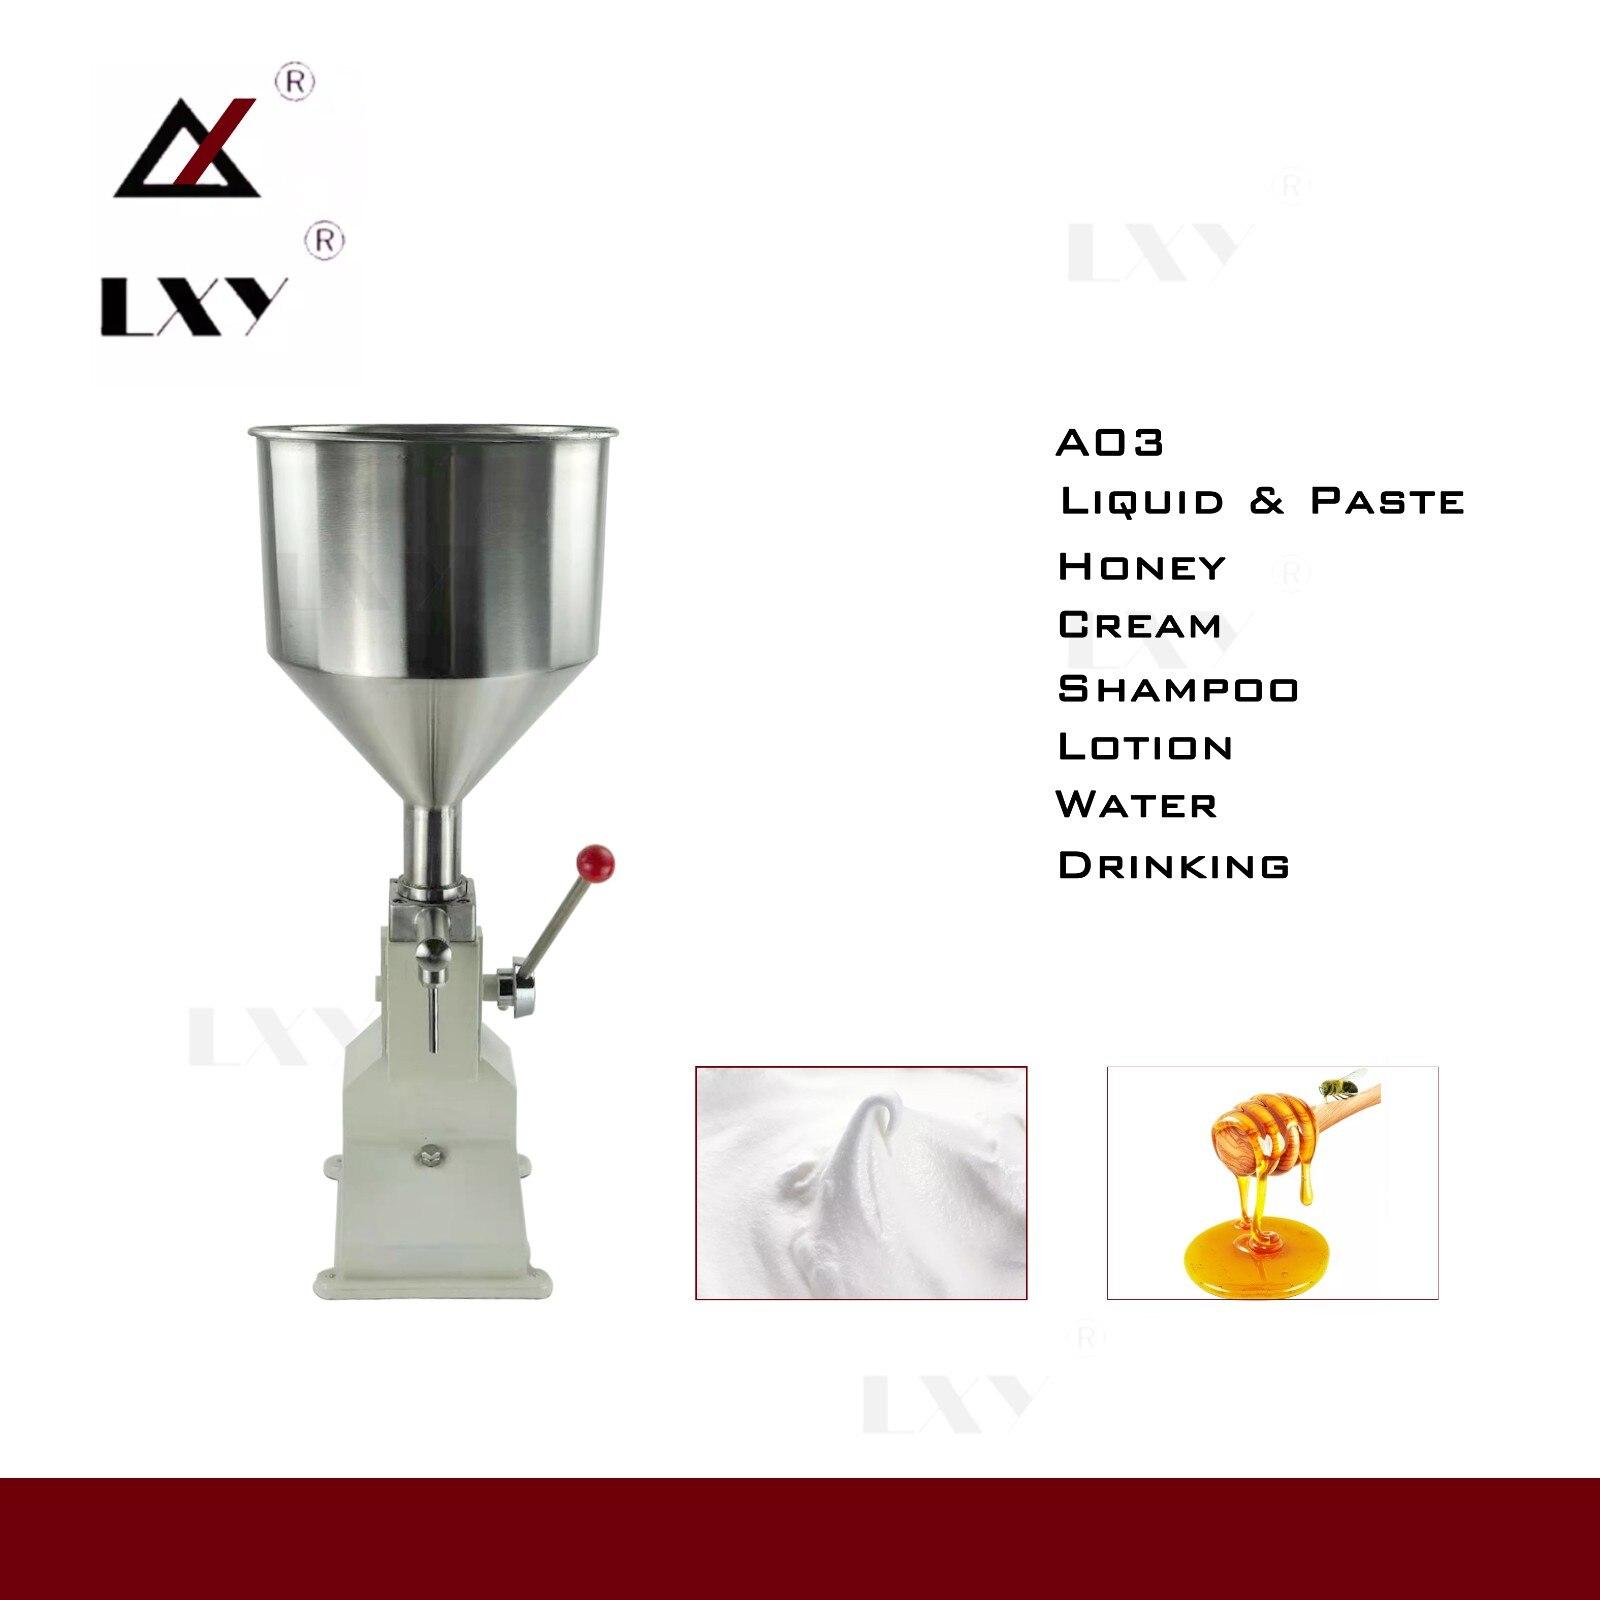 A03 manual da máquina de enchimento do xampu do polonês do prego manual 5 50 50ml para o enchimento líquido cosmético do óleo da pasta do champô do creme